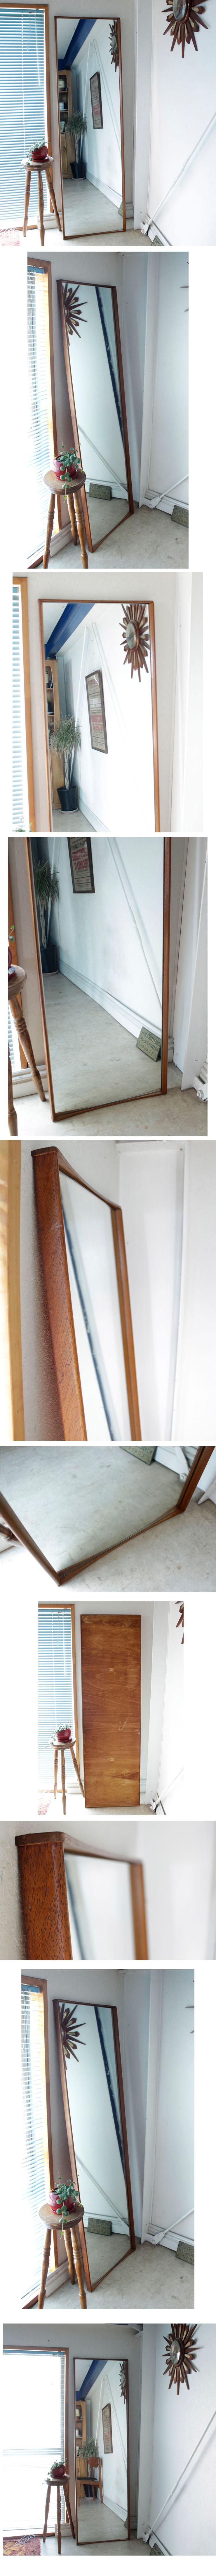 イギリス製・ビンテージ・ミッドセンチュリー・ミラー・姿見・全身鏡・アンティーク・インテリア雑貨